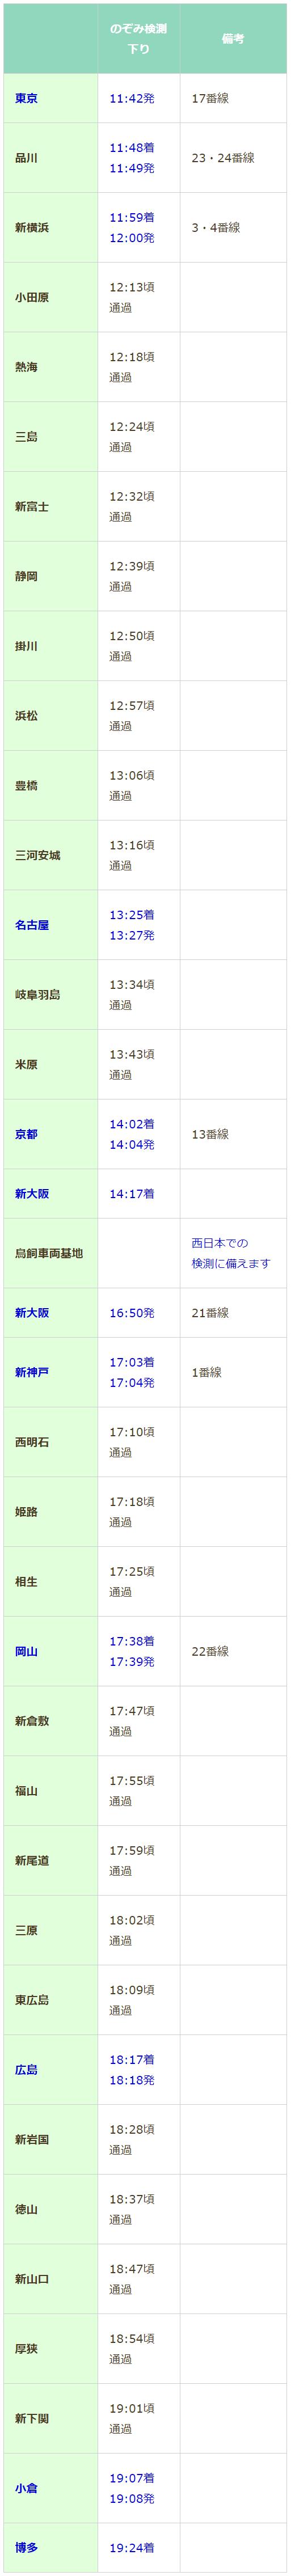 2019 運行 日 ドクター イエロー